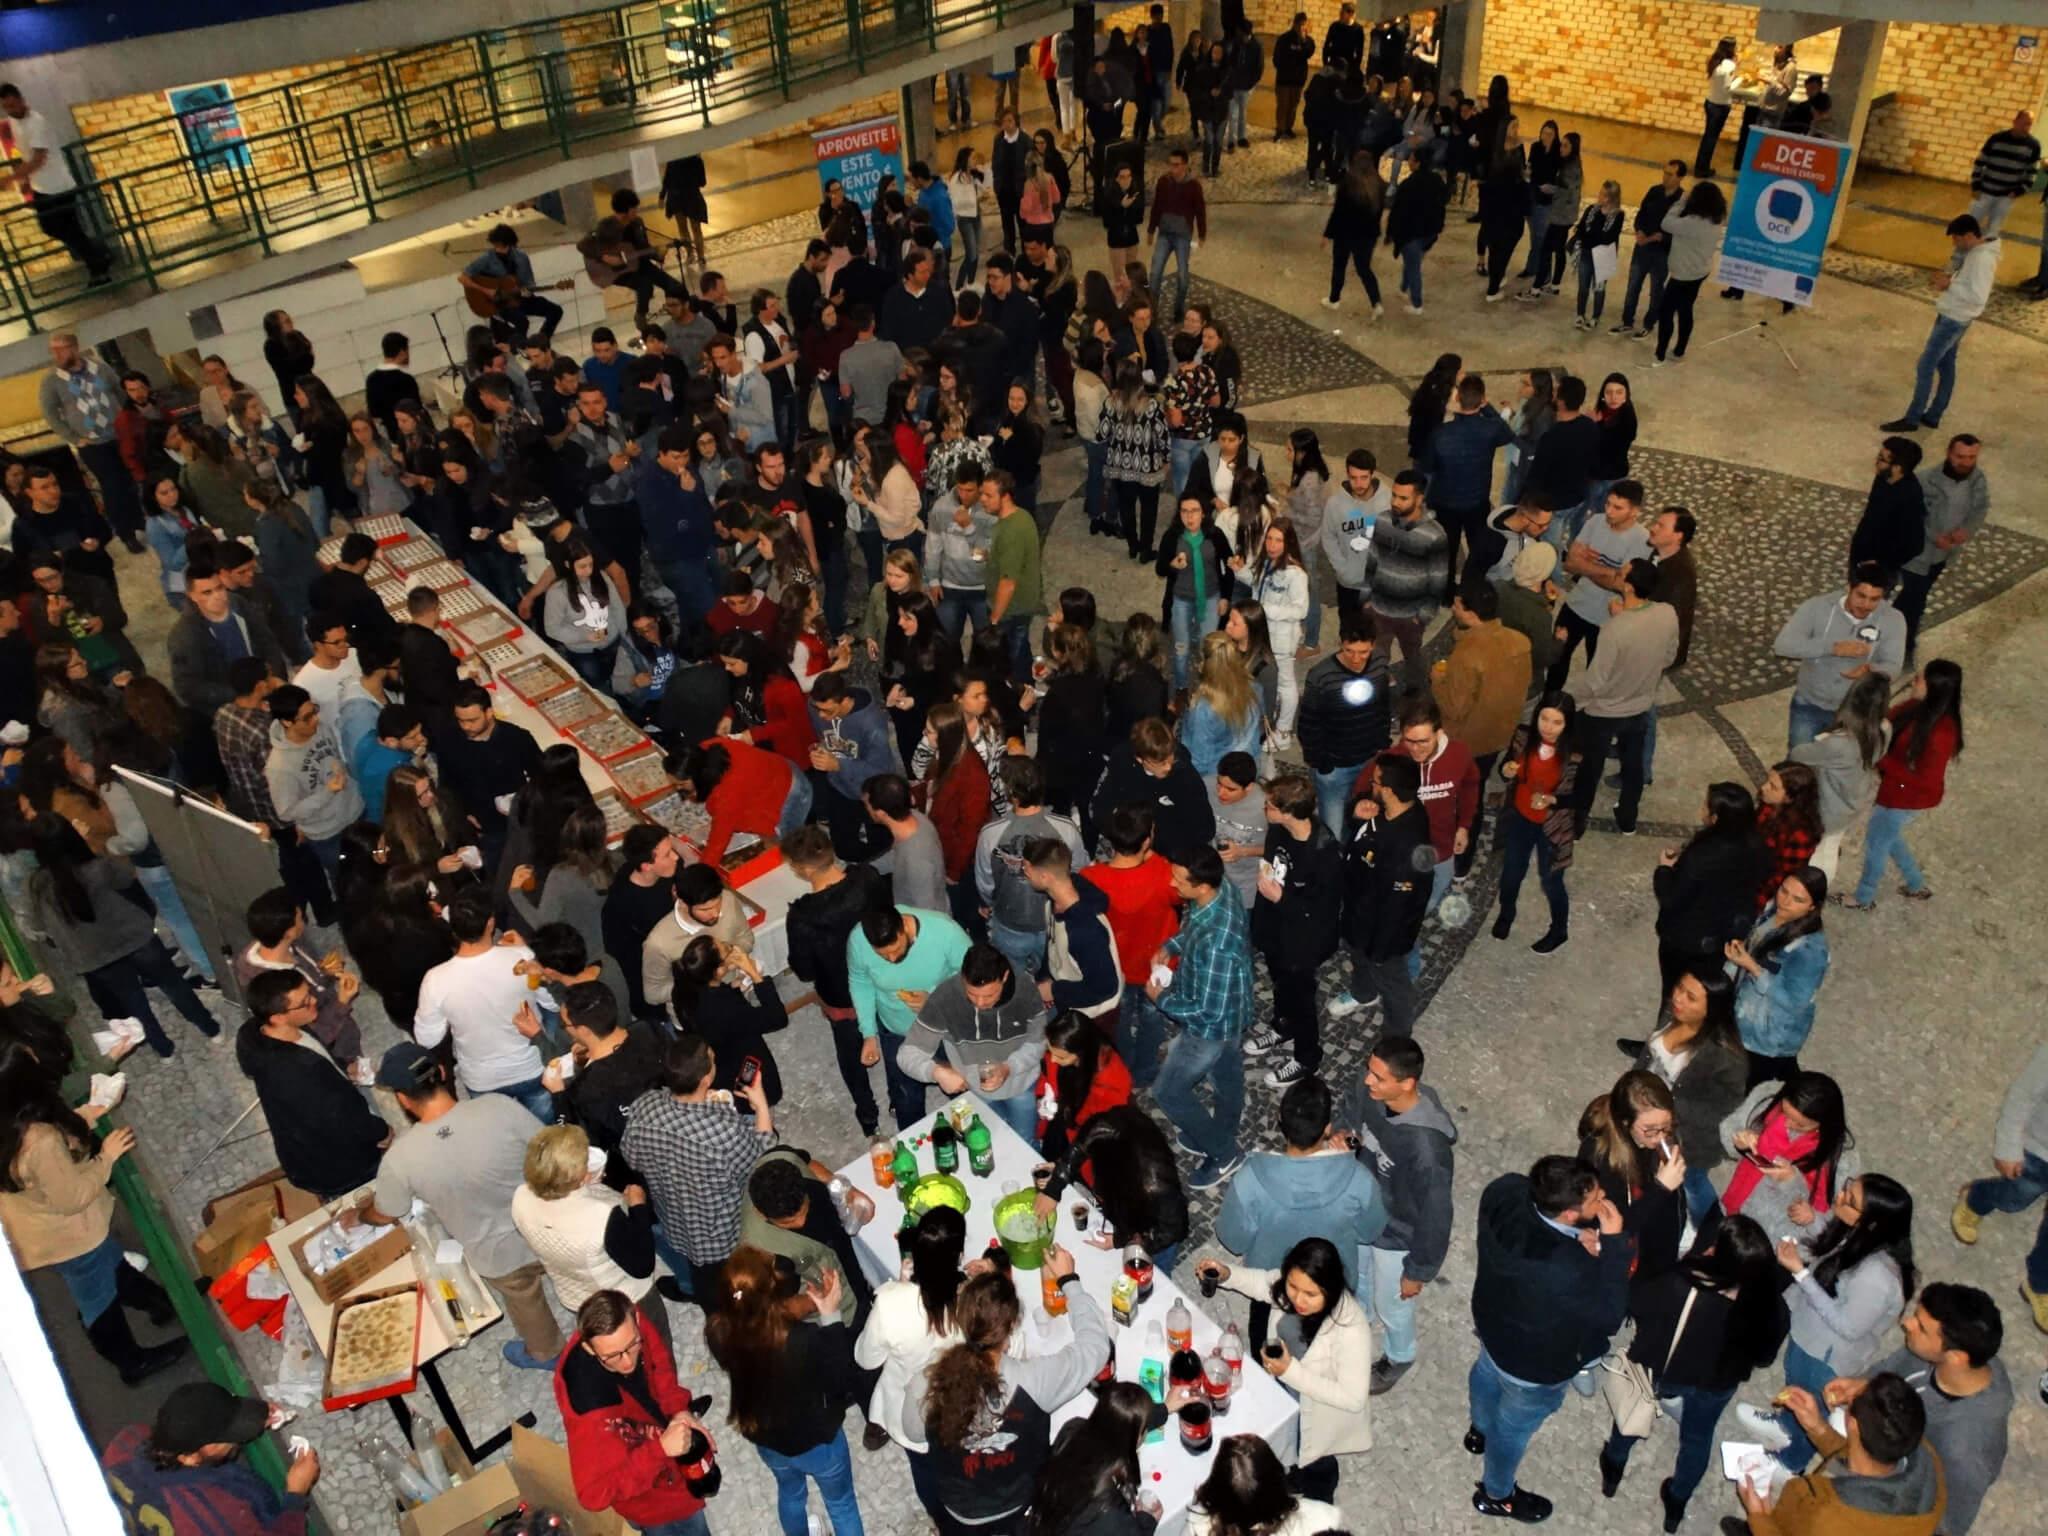 DCE realiza Intervalo Cultural para comemorar o Dia do Estudante